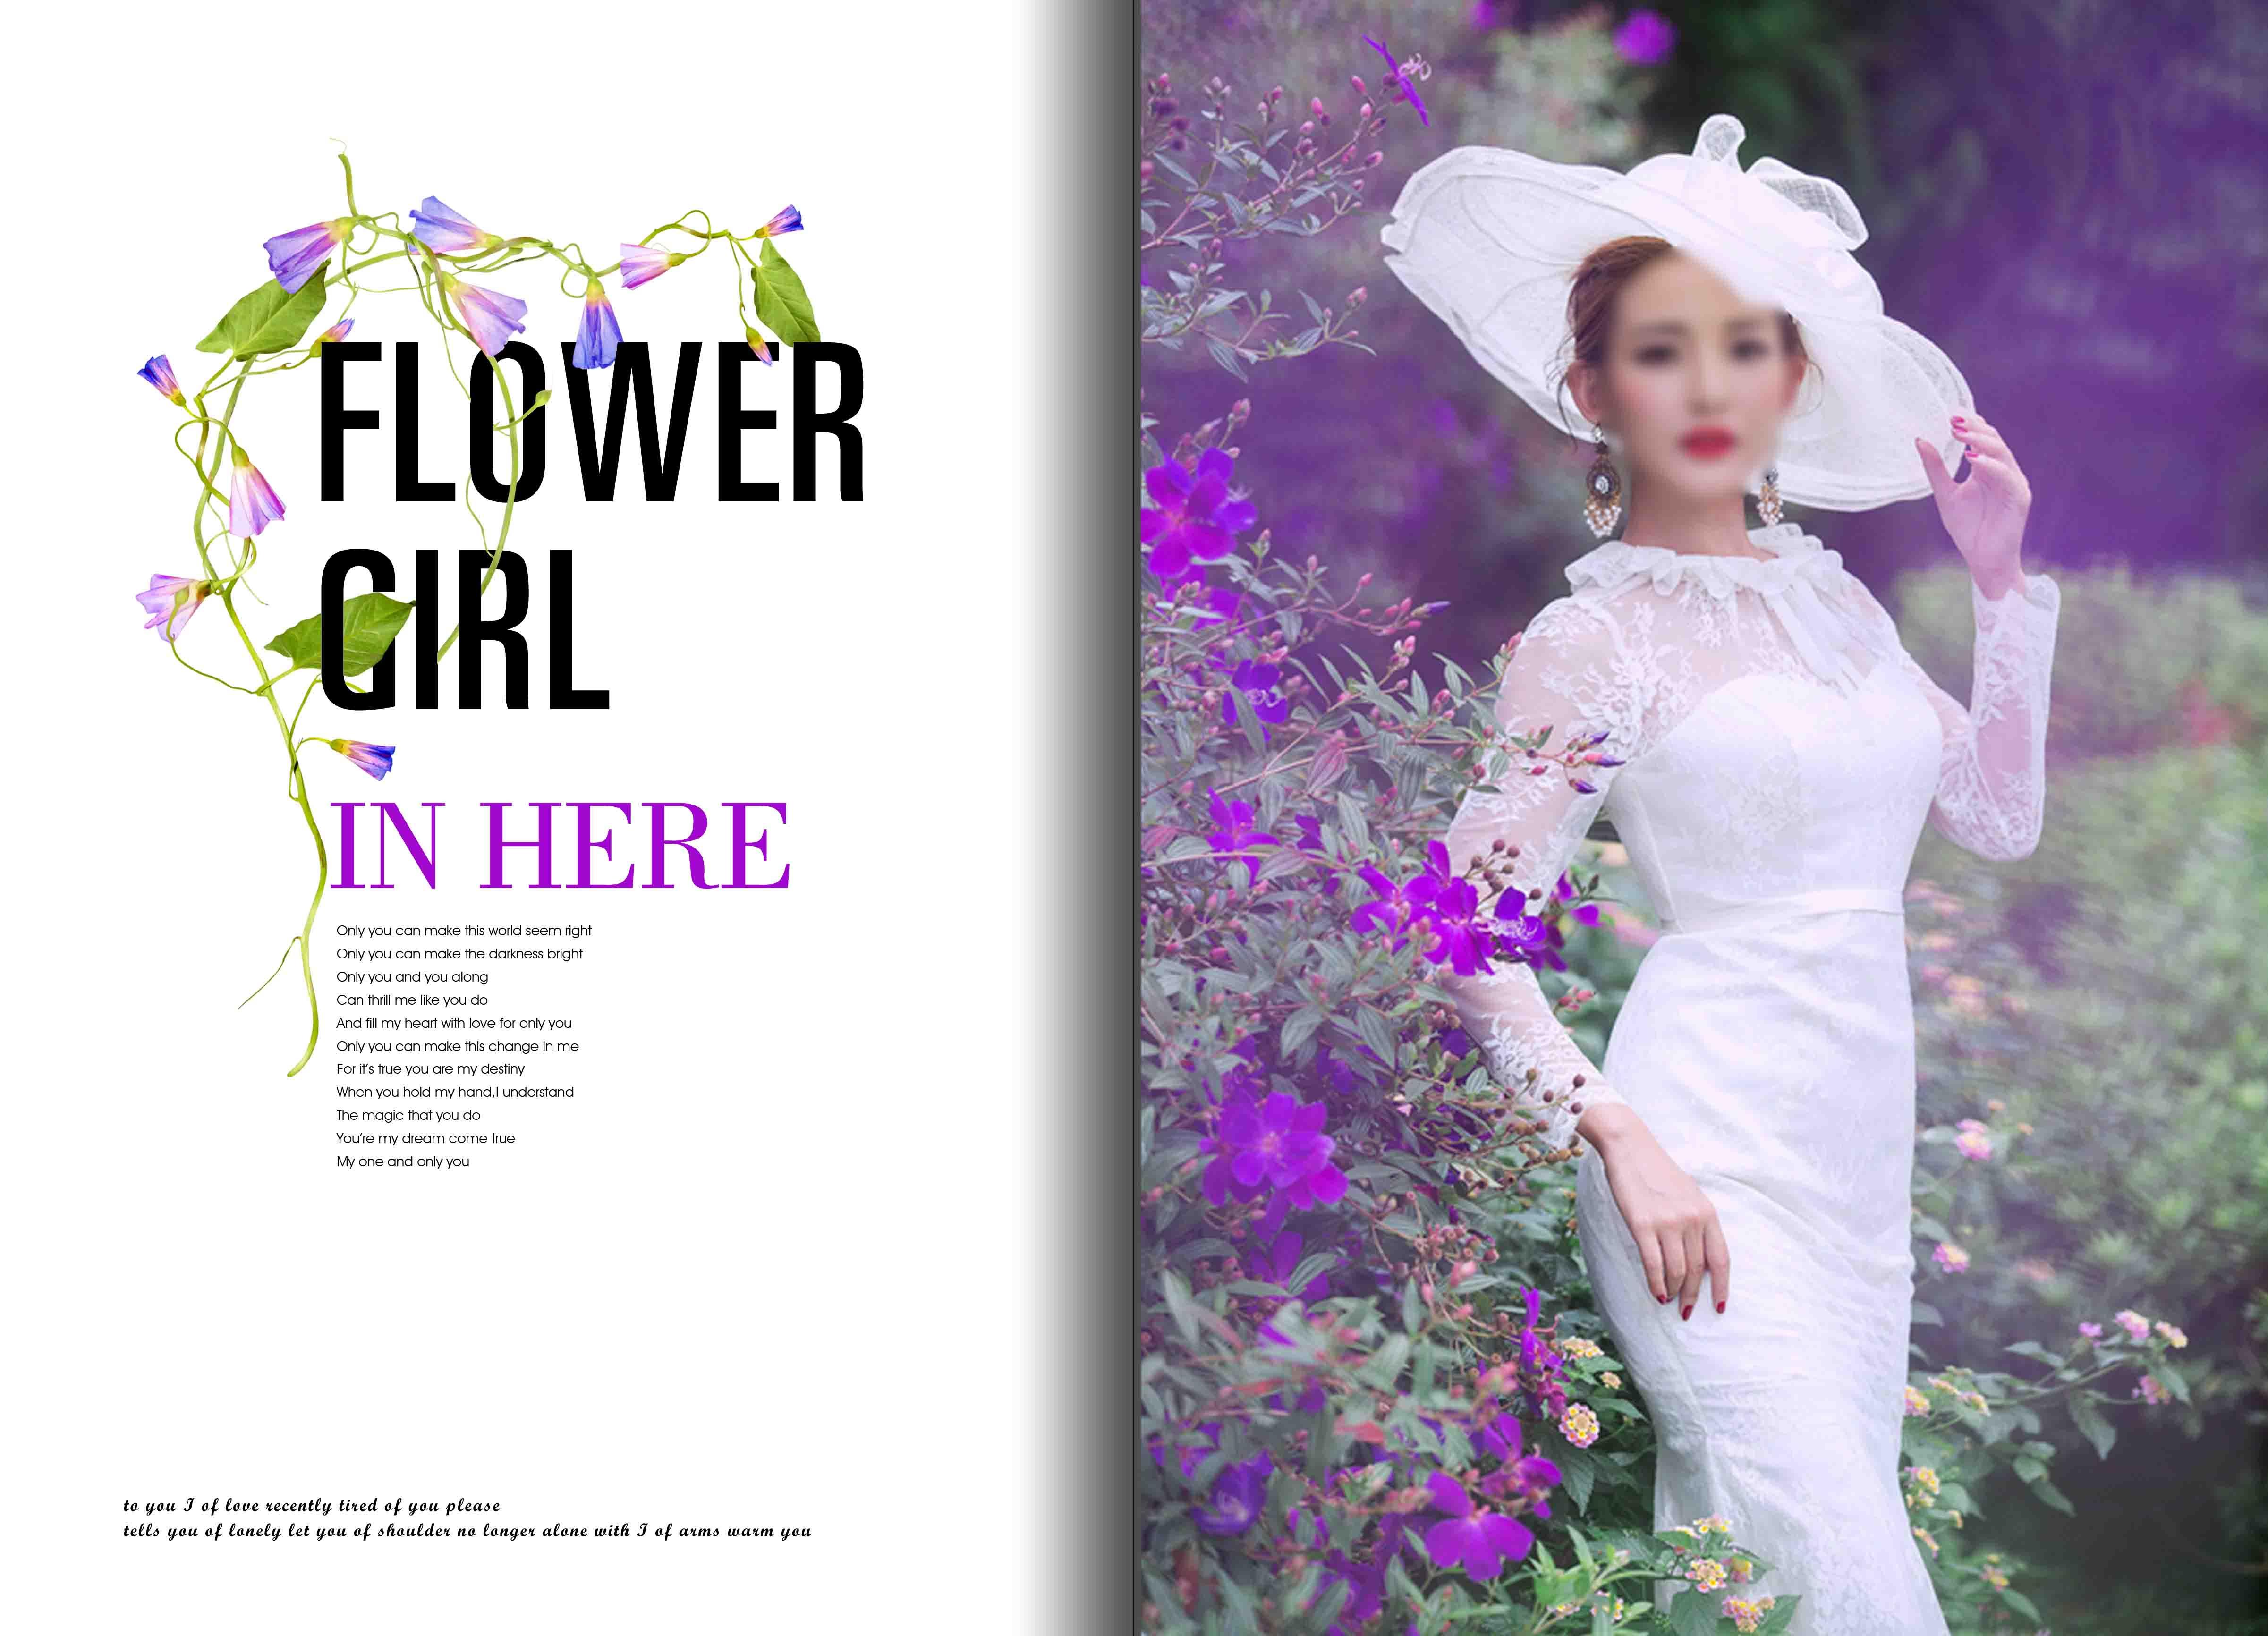 婚纱照 婚纱照相册 相册模板 相册排版 相册设计 婚纱相册排版 紫色 薰